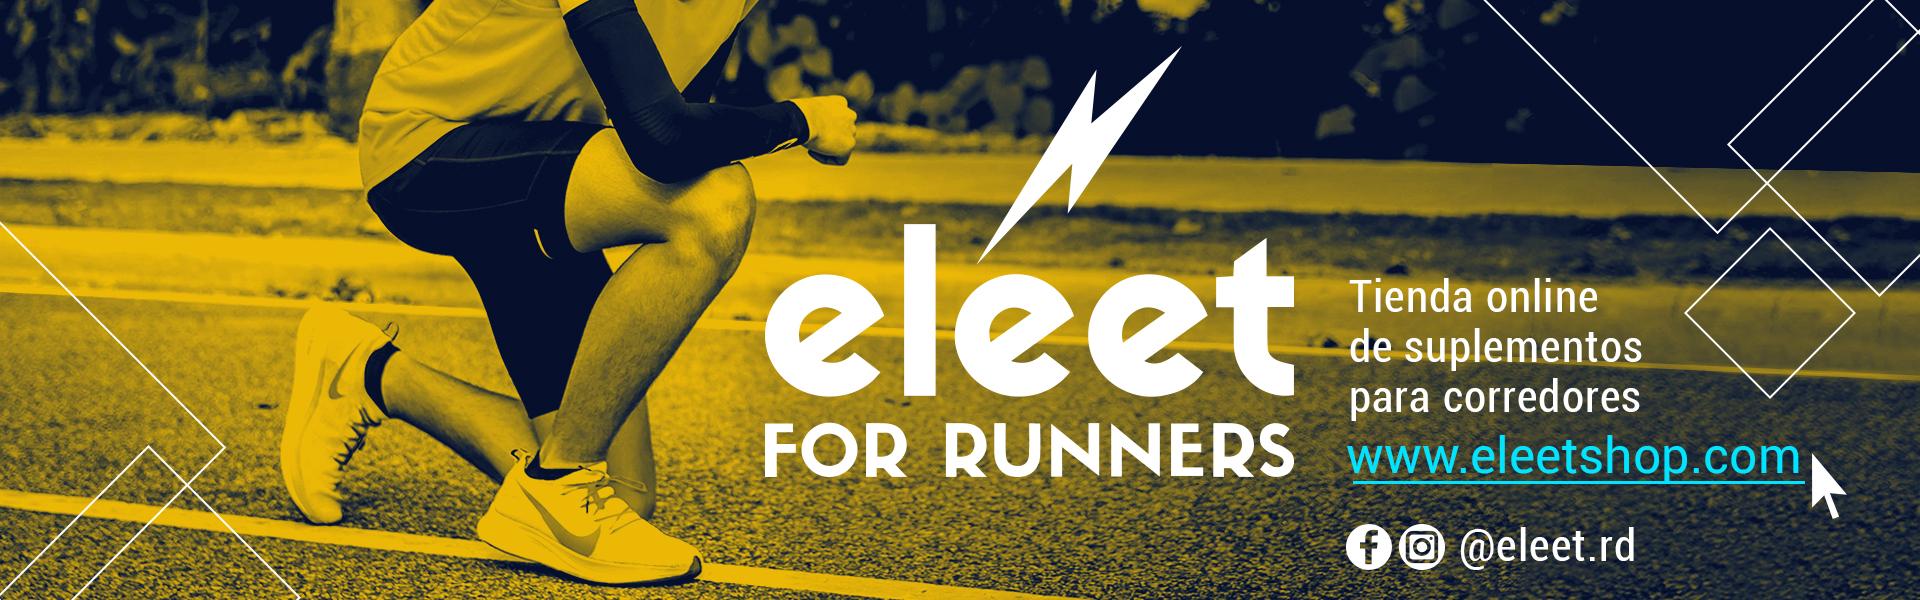 Eleet for Runner